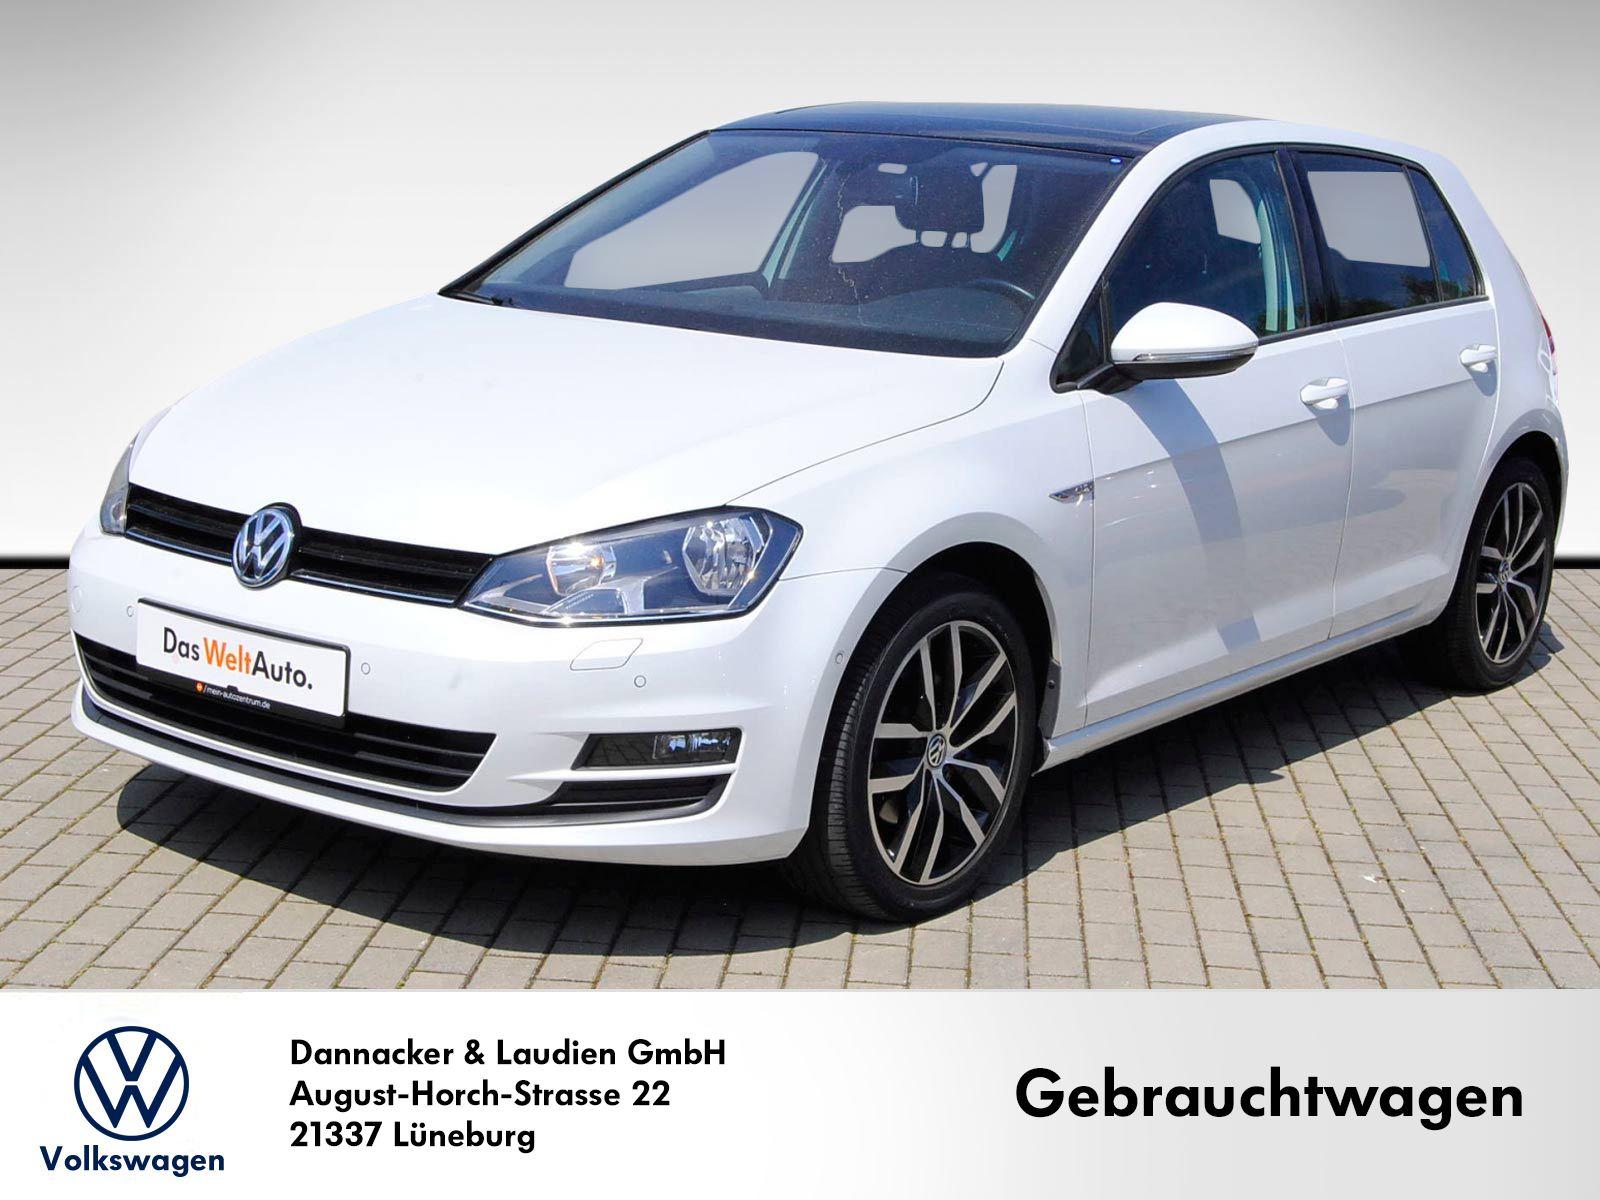 Volkswagen Golf VII 1.2 TSI Cup BMT Alu Navi Klima Panorama AHK Sitzh., Jahr 2014, Benzin